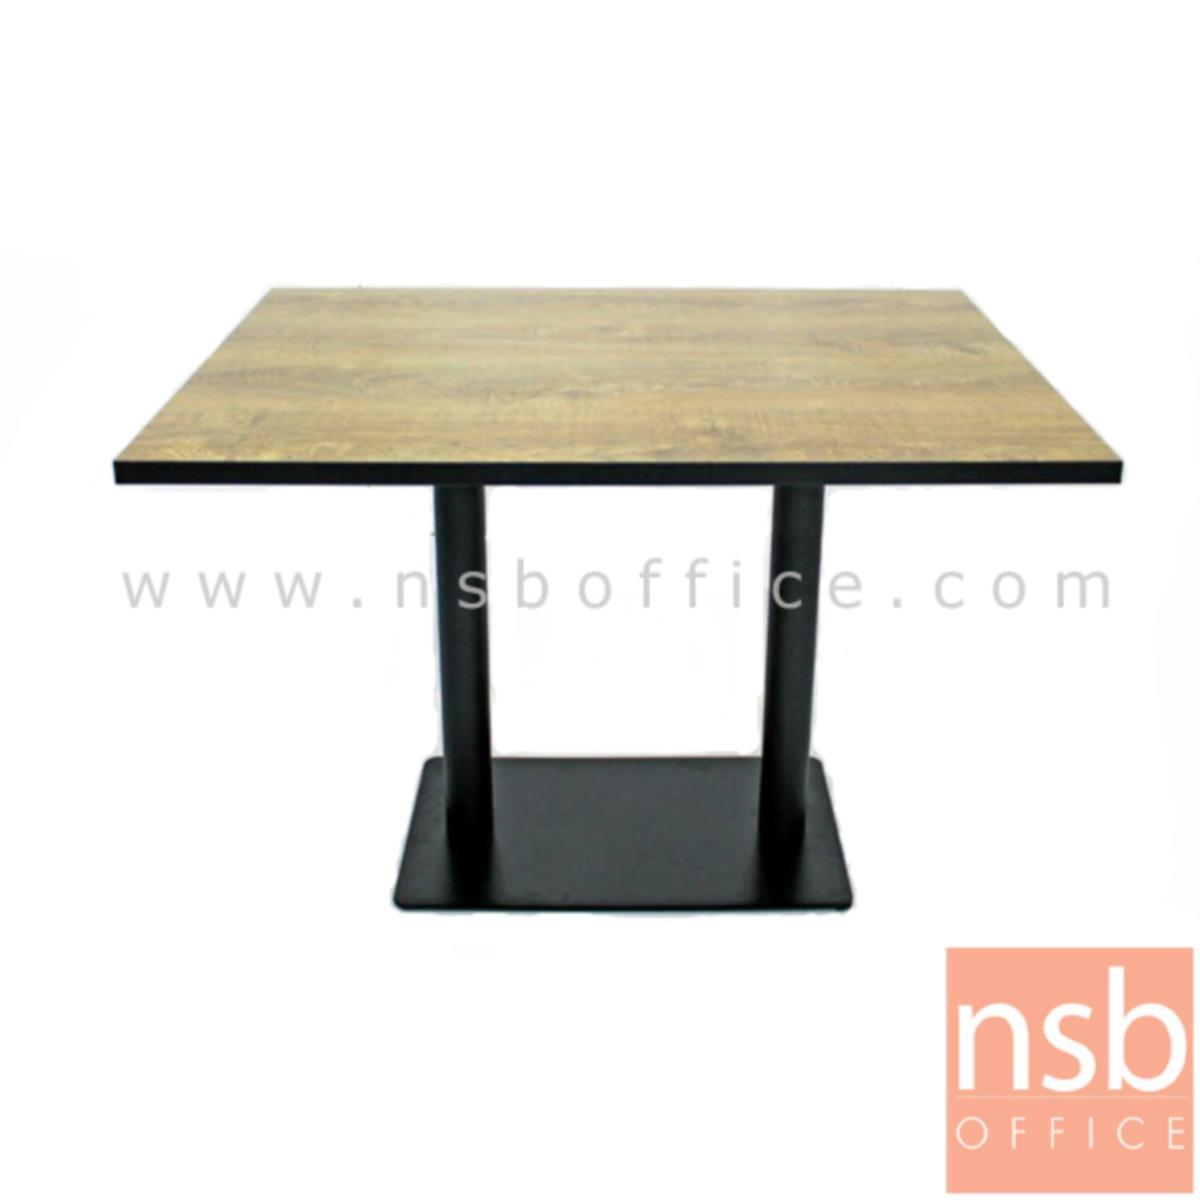 โต๊ะบาร์ COFFEE รุ่น H-CF65 ขนาด 120W cm. ขาเหล็กฐานเหลี่ยมแบนยาว